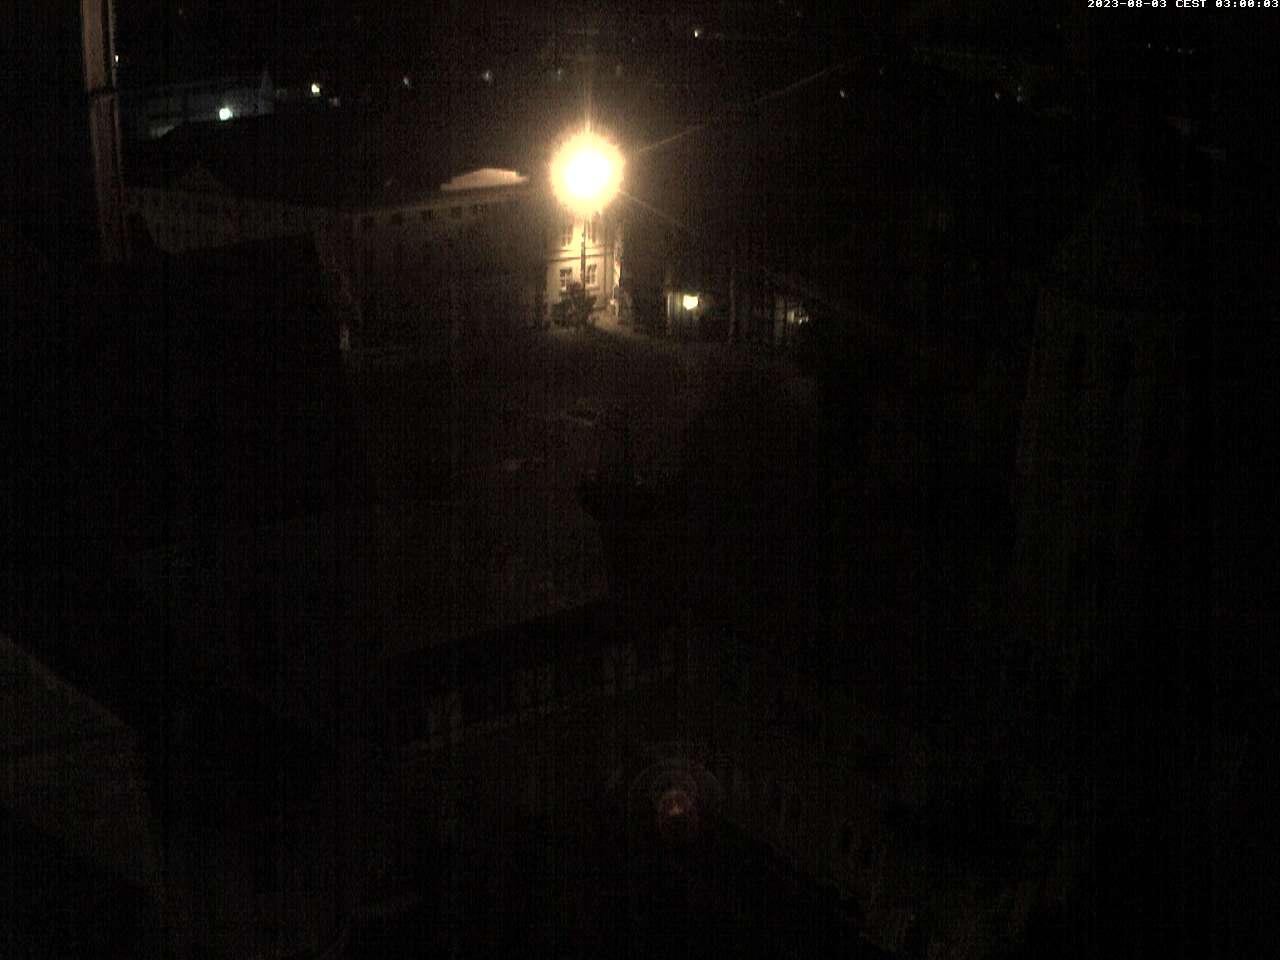 Webcambild des Burgplatzes